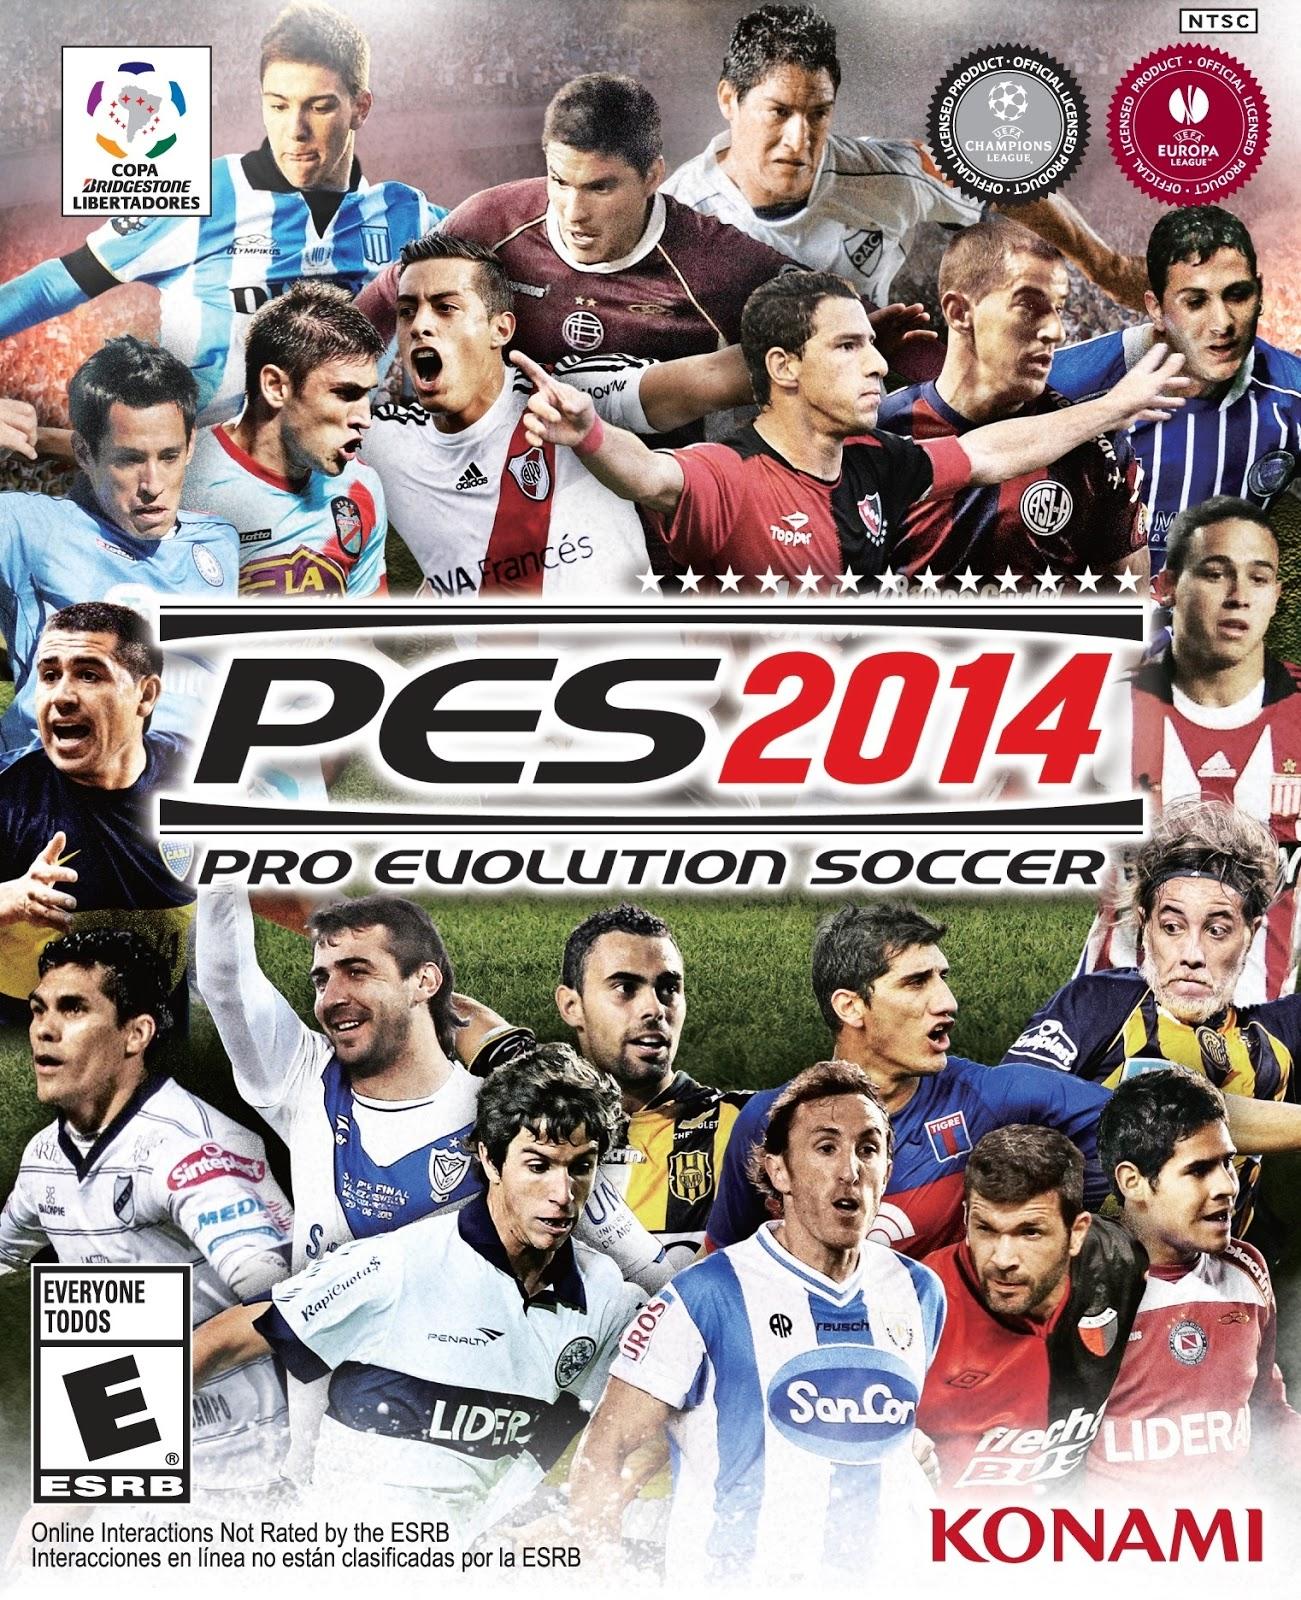 Pro Evolution Soccer 2014 Download Free